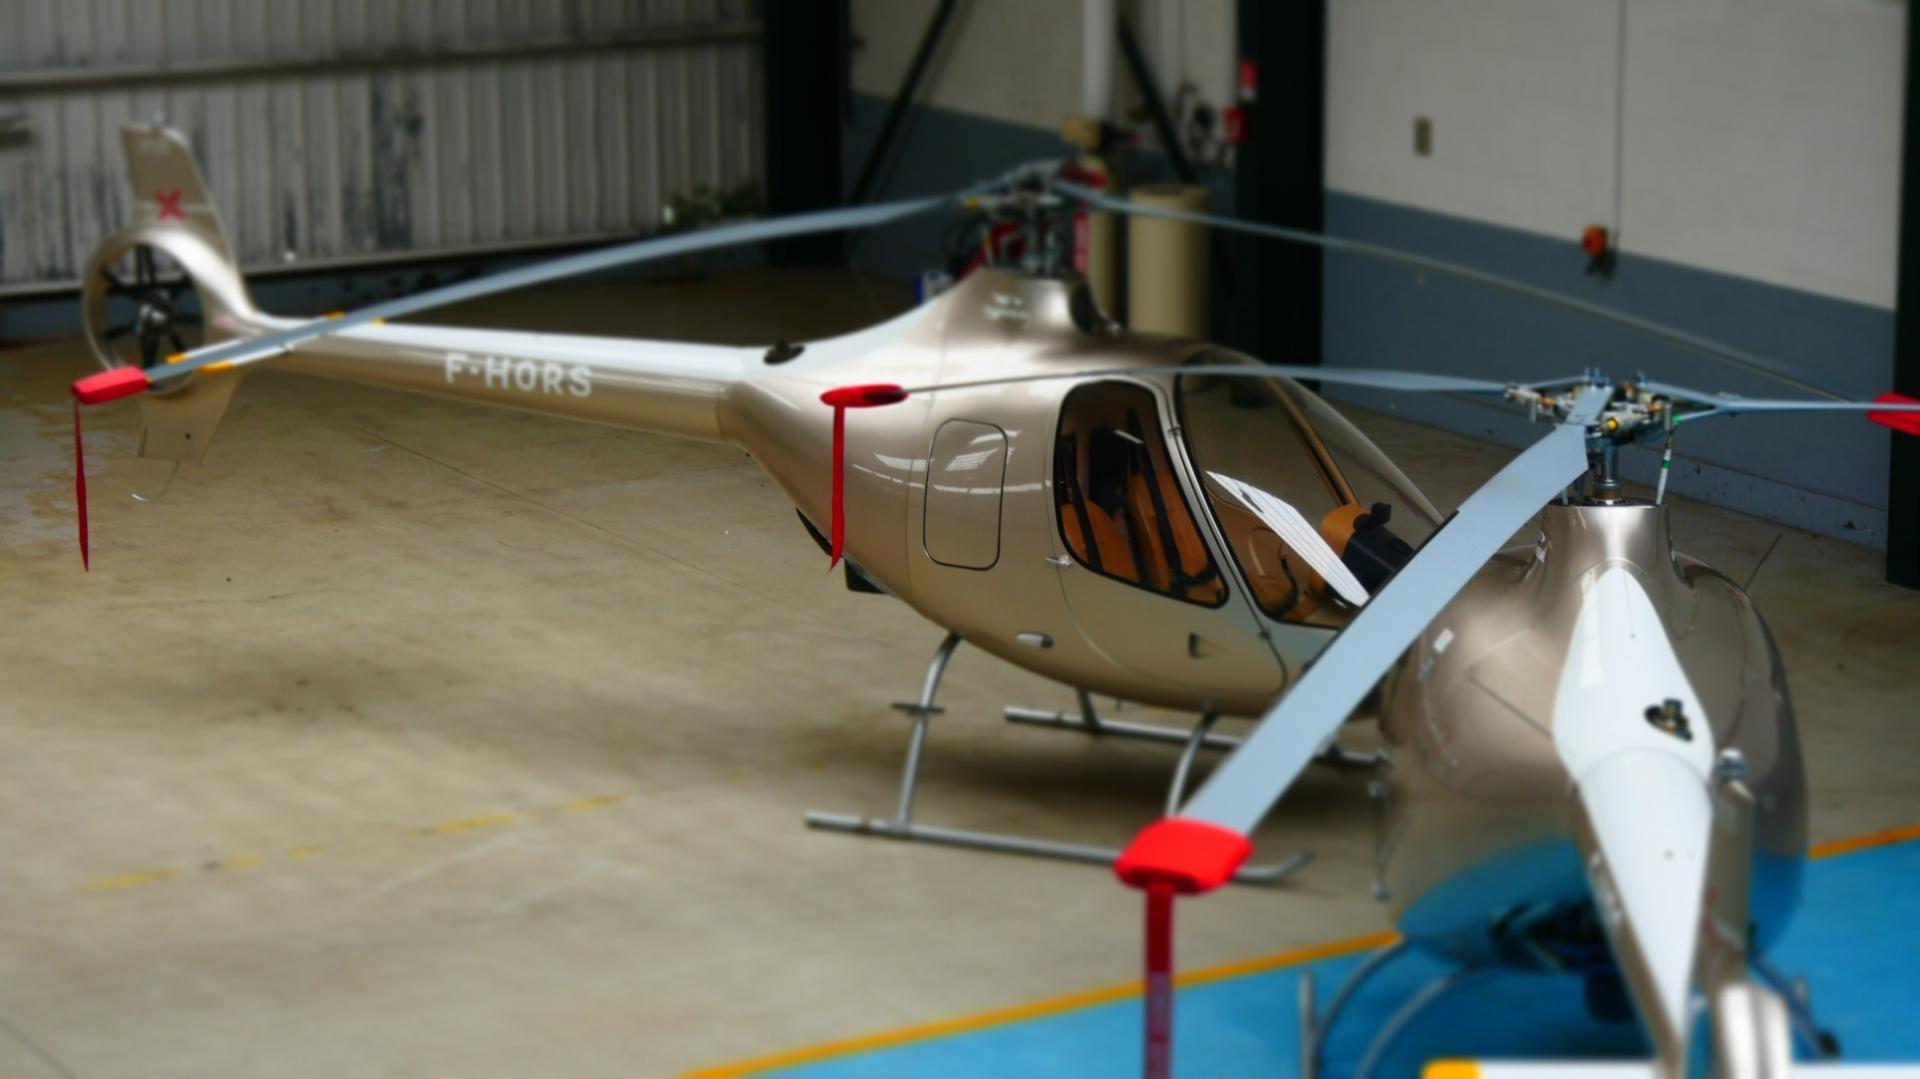 Hangar hebergement helicoptere paris 1